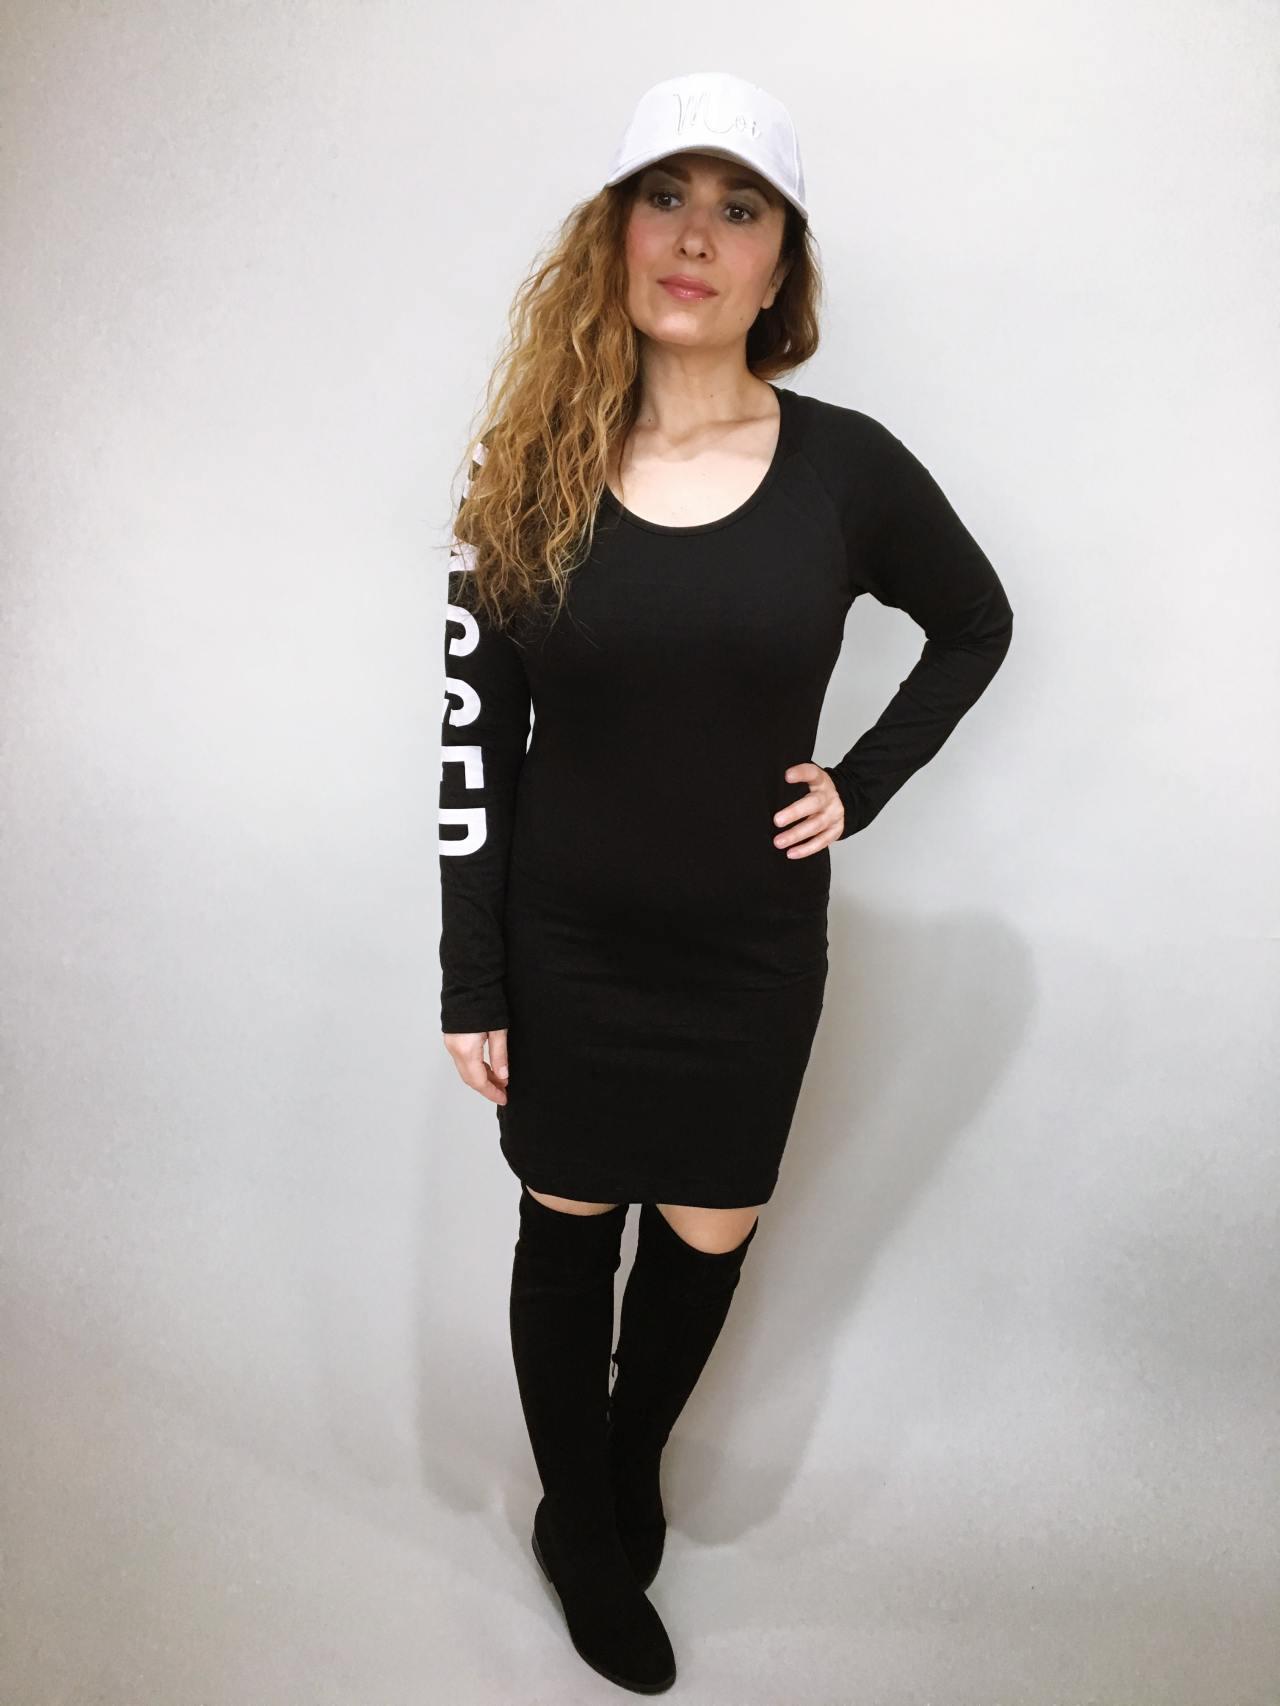 Šaty Bagged černé 08